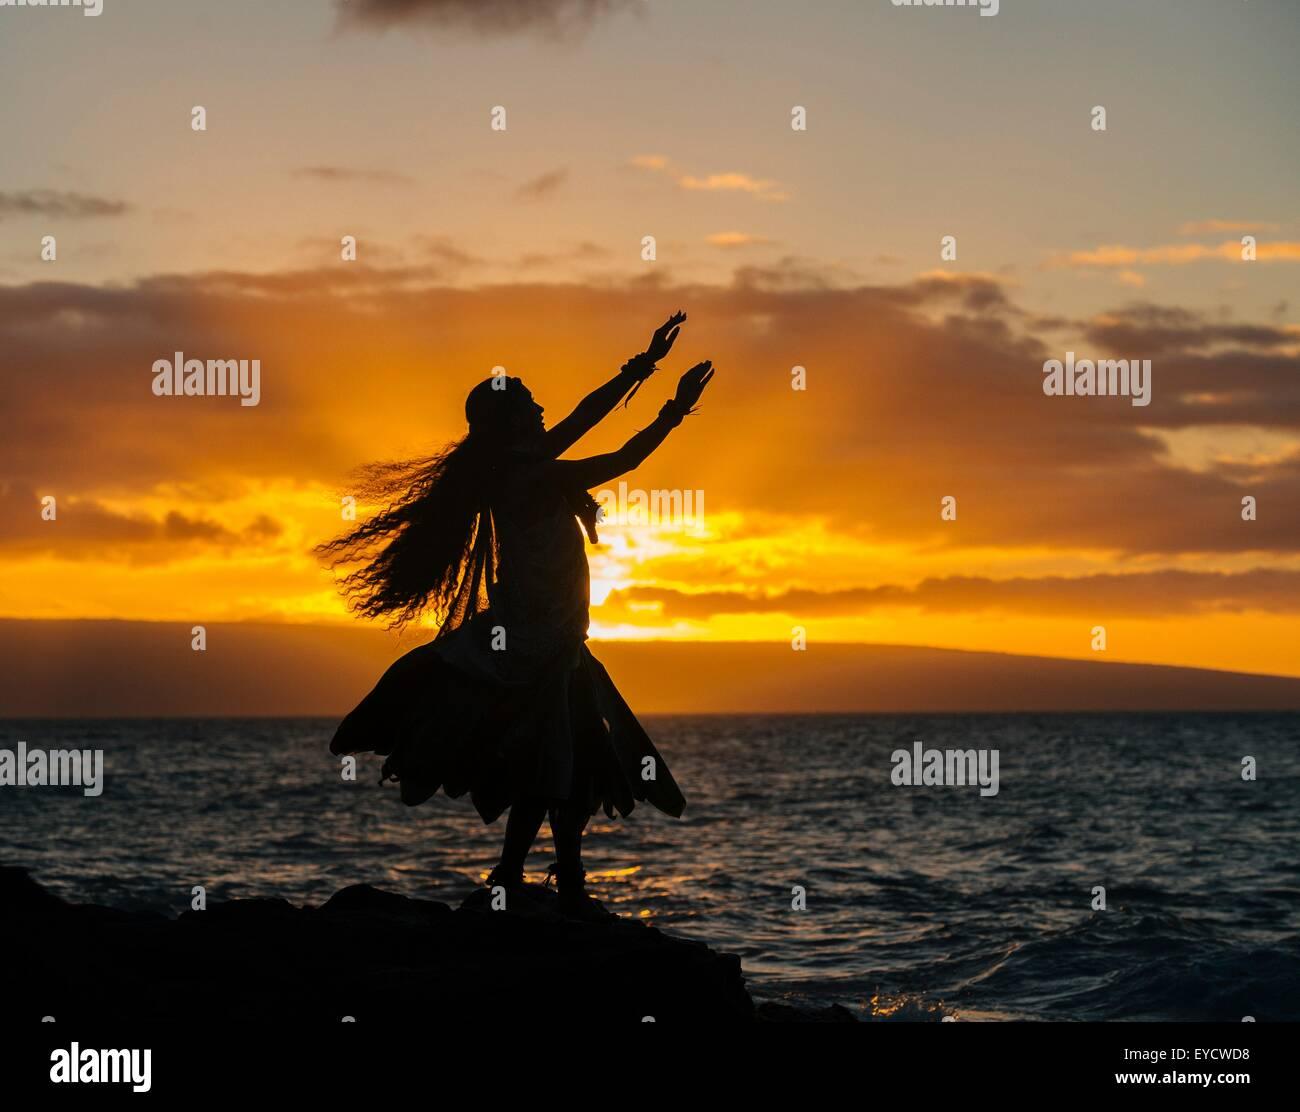 Stagliano giovane donna in costume tradizionale, hula sulla roccia costiero al tramonto, Maui, Hawaii, STATI UNITI Immagini Stock